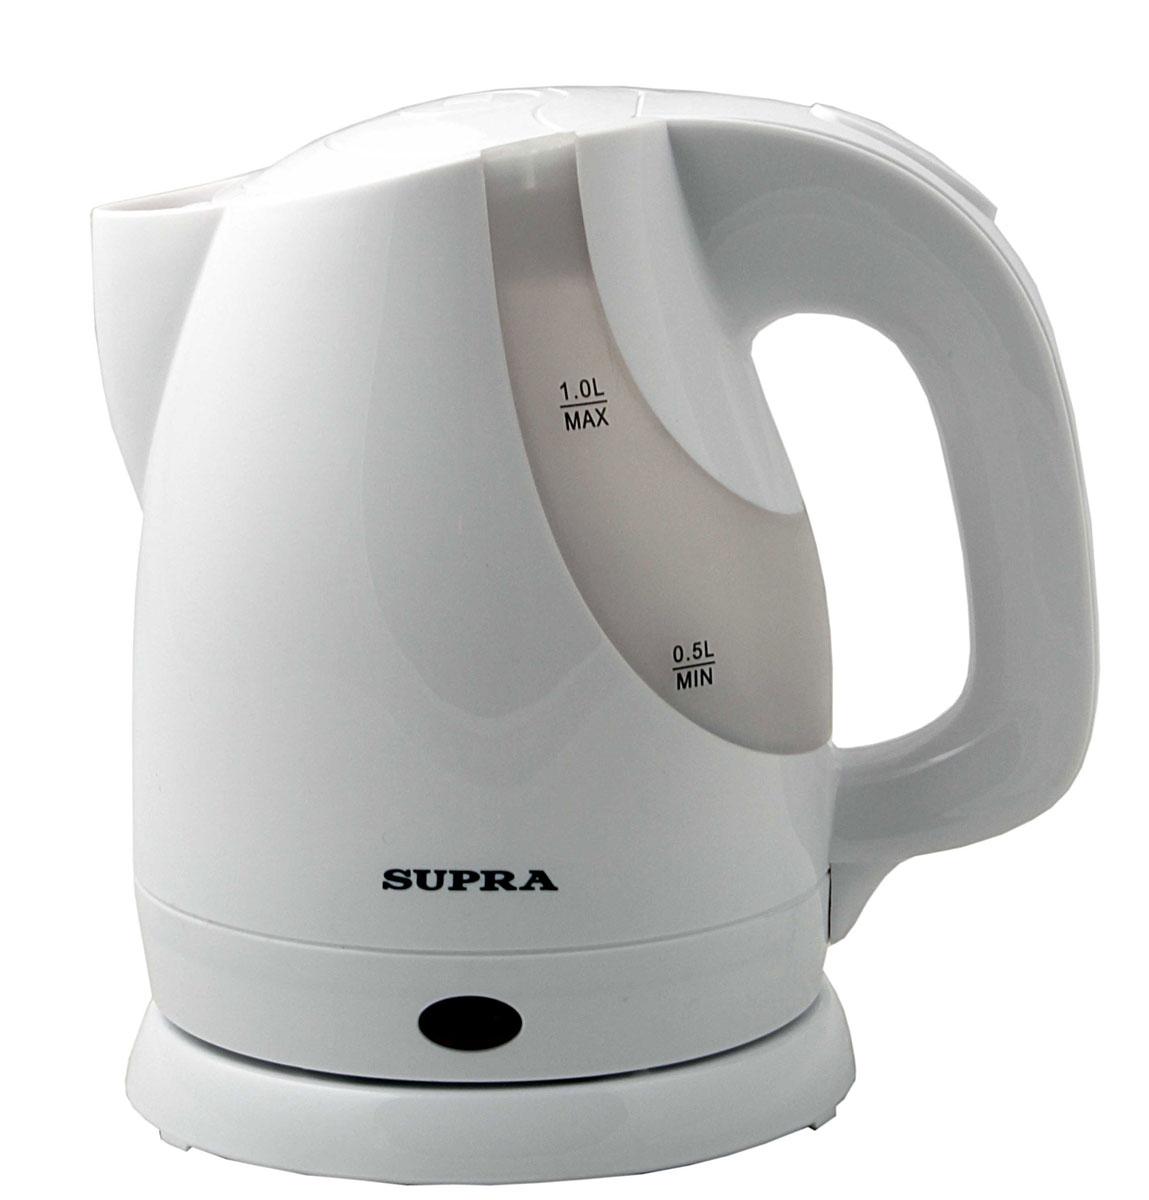 Supra KES-1021 электрочайникKES-1021Электрический чайник Supra KES-1021 - это стильная модель объёмом 1 литр. Лёгкий и компактный, он не займёт много места в дорожной сумке или чемодане, и у вас под рукой всегда будет кипяток. Прочный пластик, из которого изготовлен прибор, выдержит случайные удары и падения. С помощью большой мощности 1300 Вт чайник вскипятит воду в течение 3-х минут.Тонкая металлическая пластина из нержавеющей стали скрывает нагревательный элемент электроприбора и защищает его от наседания накипи, а также даёт возможность вскипятить небольшое количество воды. Фильтр, расположенный в носике чайника, предотвратит попадание накипи в чашку и не испортит вкус кофе или чая. Угол поворота прибора на подставке составляет 360 градусов, что предоставляет дополнительное удобство. Удобная форма носика позволяет наполнить чашку кипятком, не пролив ни одной капли.Наличие двухстороннего индикатора уровня в чайнике Supra KES1021 поможет визуально определить количество налитой воды в чайнике, не открывая крышку. При необходимости шнур можно убрать в специальный отсек, расположенный в подставке.